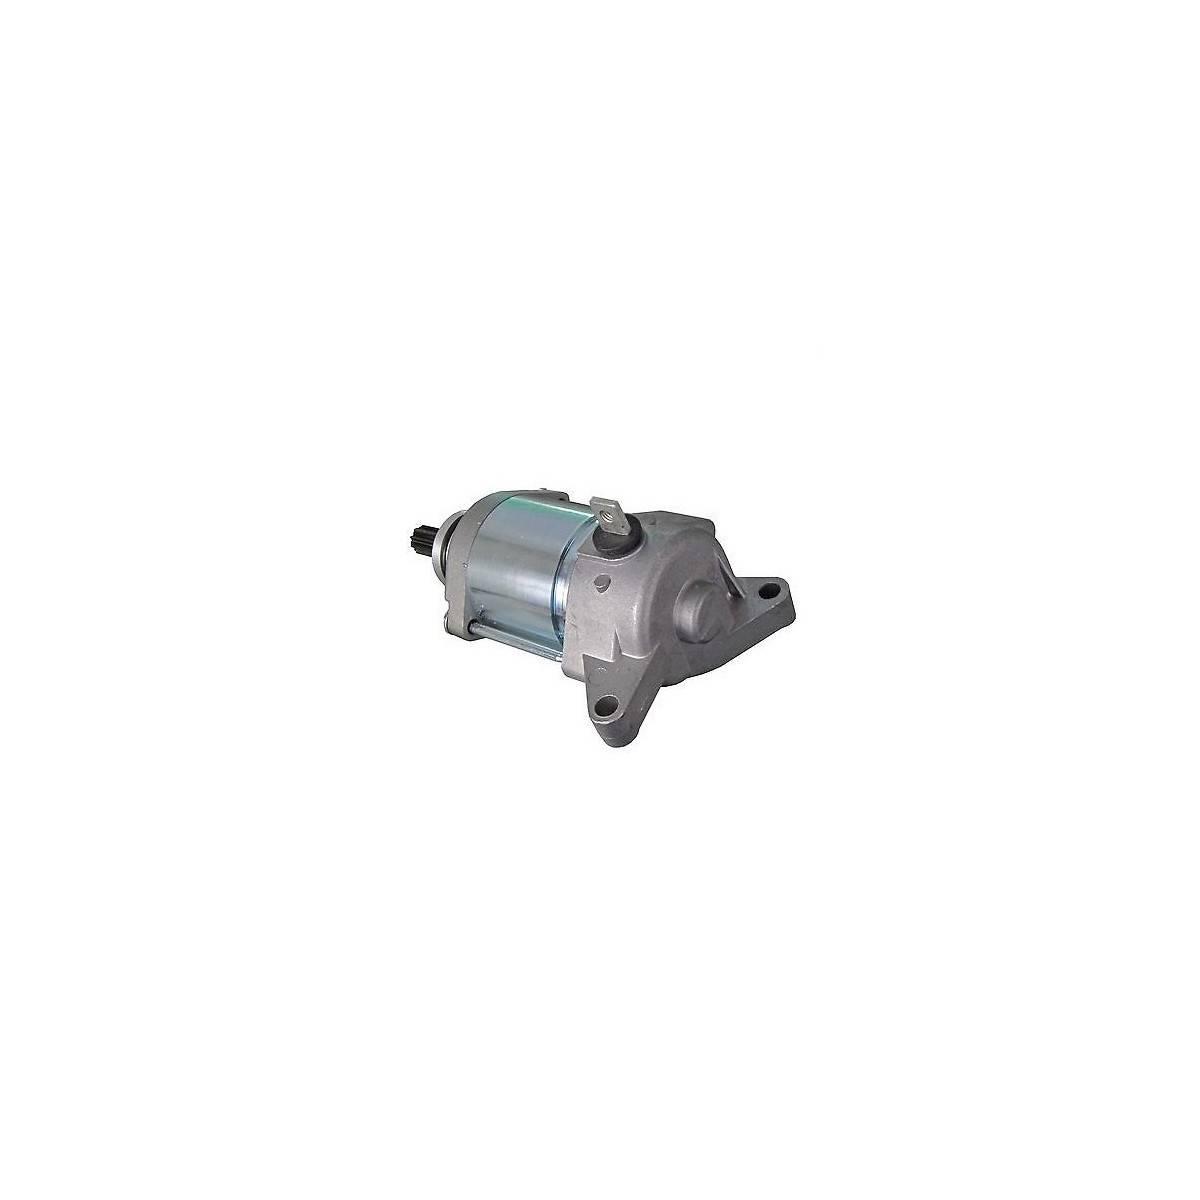 4MX18844N - Motor Arranque Wr450F 04 06